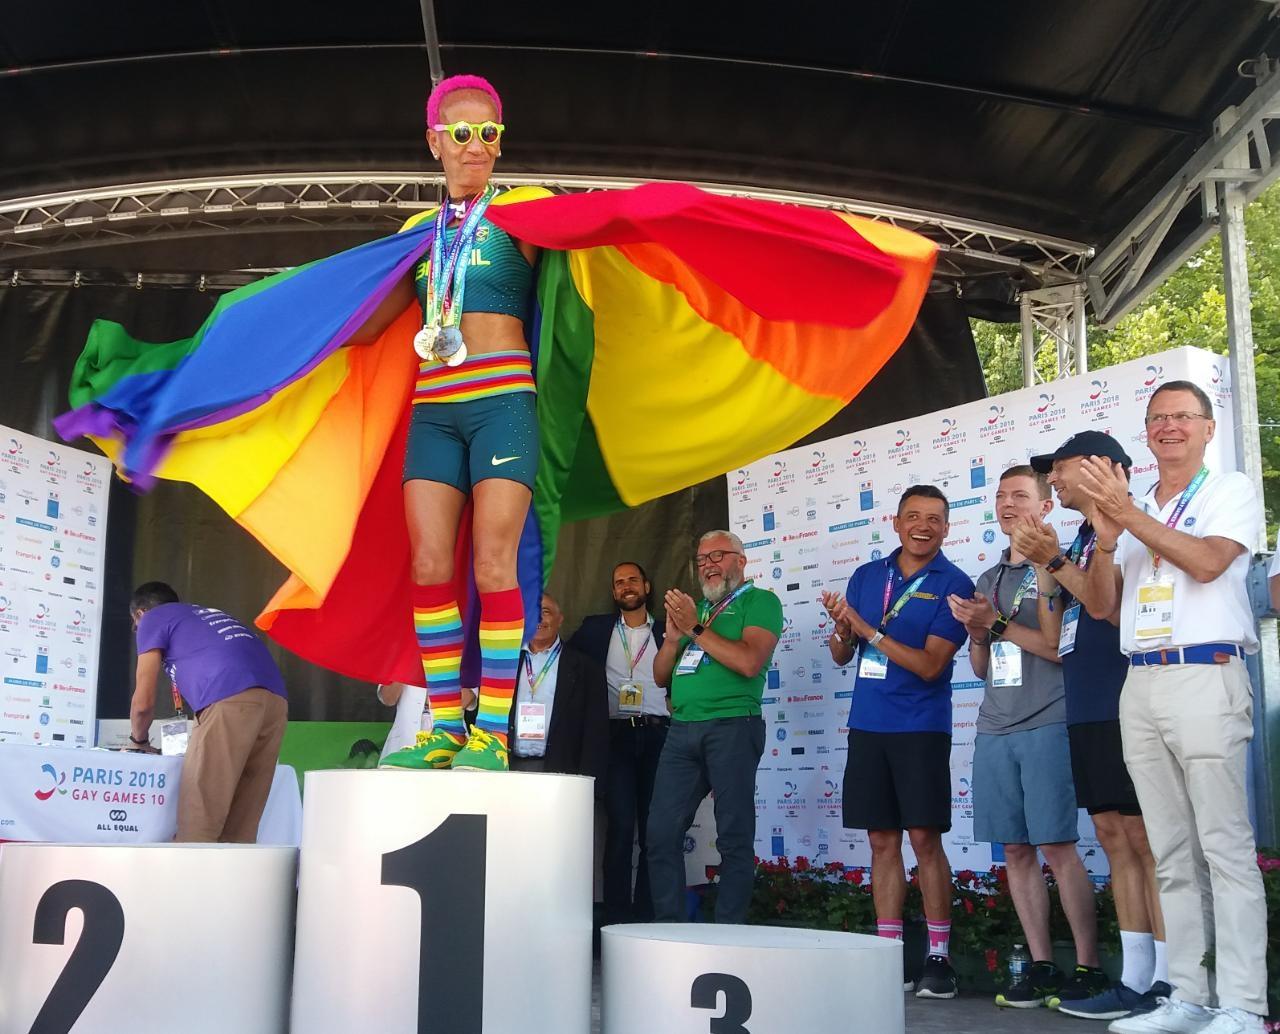 Ana Luiza dos Anjos Garcez, a Animal, comemora a vitória na meia-maratona do Gay Games de Paris. Foto Jerry Costa